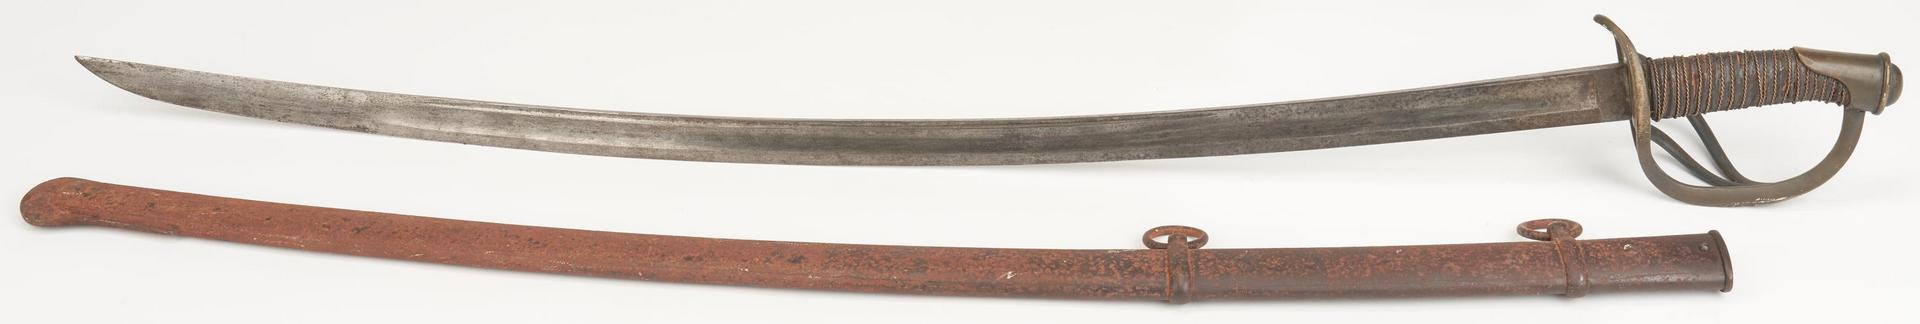 Lot 610: Civil War M1840 Sword, Capt. Richard Myers, KY